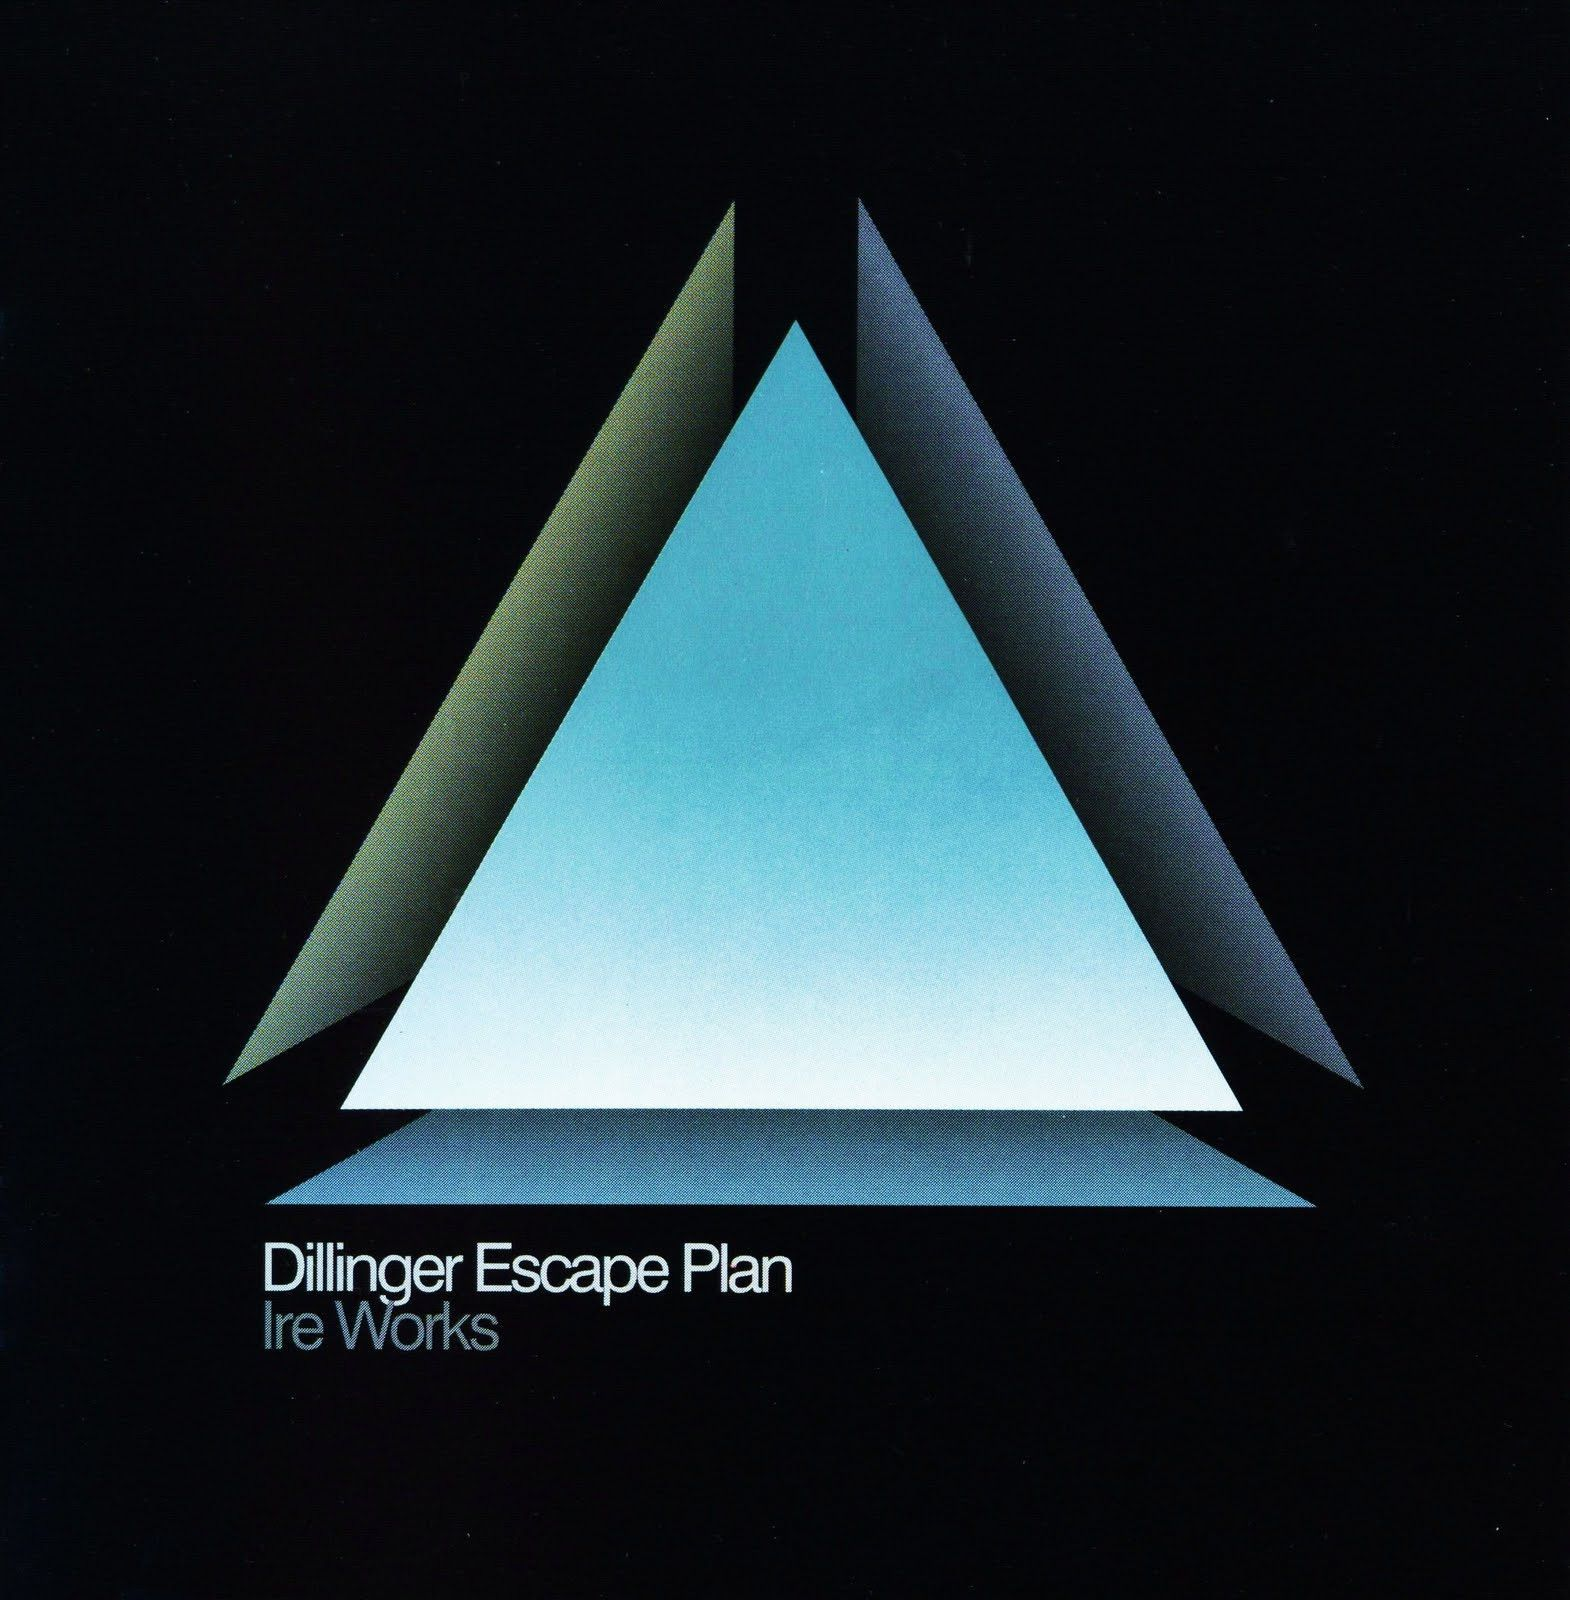 The Dillinger Escape Plan Ire Works On Vinyl Lp Awaiting Repress Escape Plan Cool Album Covers Music Artwork